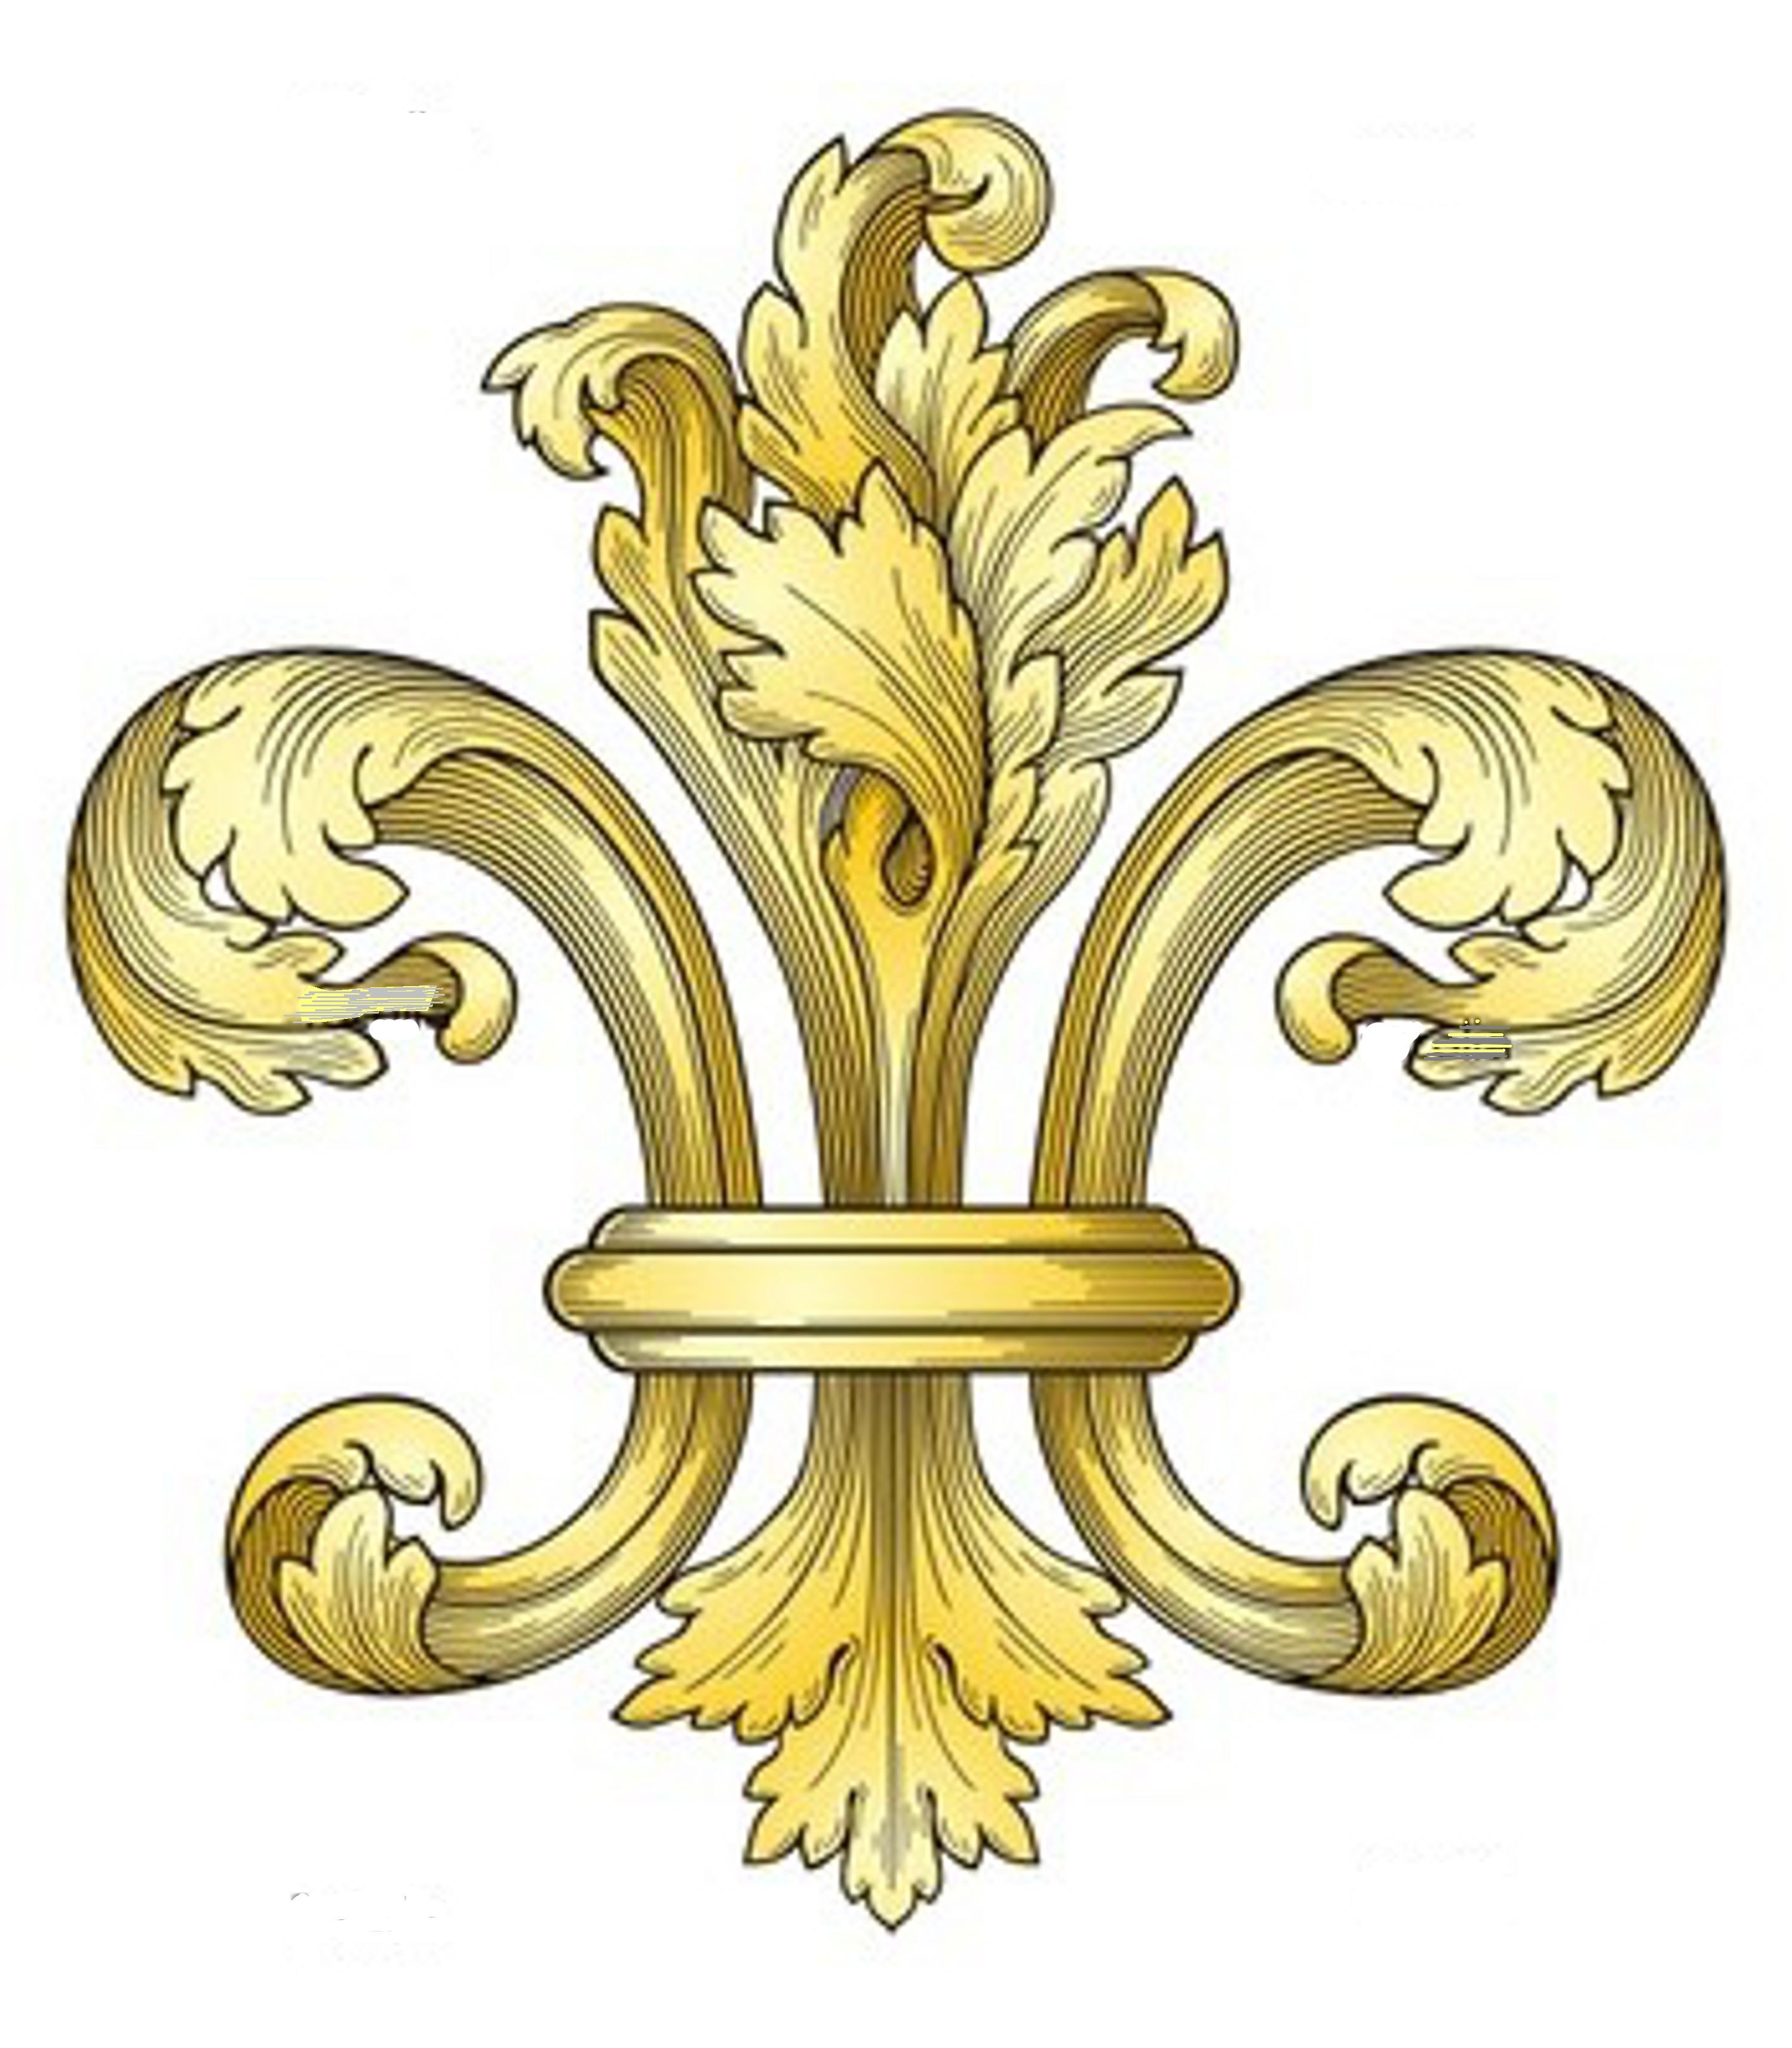 File:LILIE de barres.jpg - Wikimedia Commons